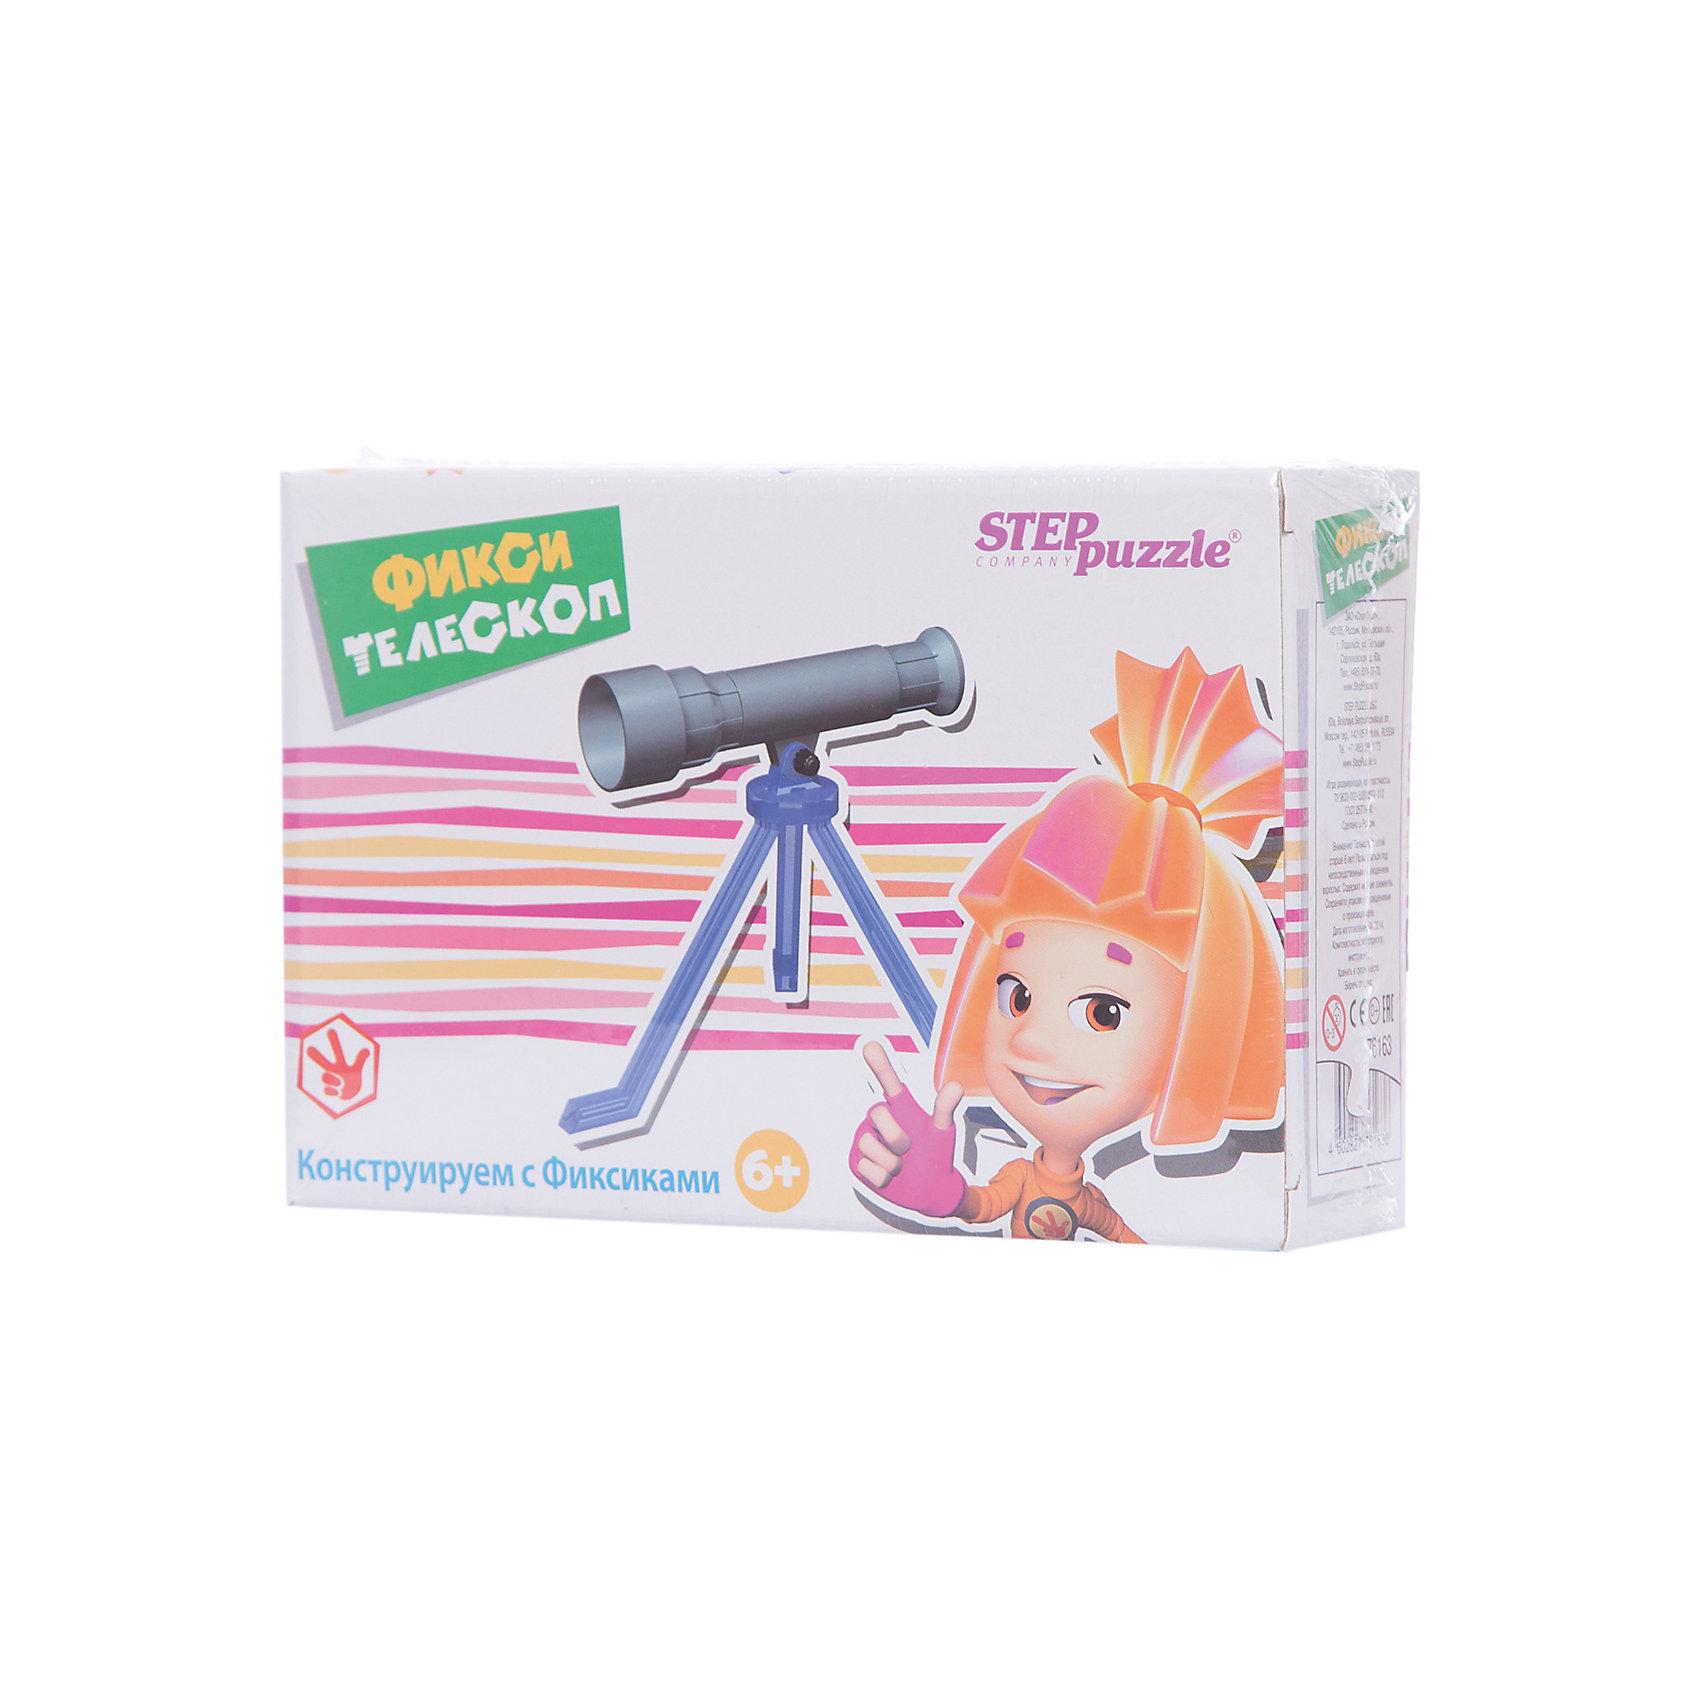 Игра Фикси - телескоп, Step PuzzleРазвивающие игры<br>Игра Фикси - телескоп, Step Puzzle (Степ Пазл) – это увлекательная развивающая и обучающая игра-конструктор.<br>Игра-конструктор «Фикси-телескоп» из серии «Конструируем с Фиксиками» дает начальное представление об оптике. Собирая телескоп, ребенок получает навык конструирования, учиться читать и понимать чертежи, развивает мелкую моторику, внимание, память.<br><br>Дополнительная информация:<br><br>- В комплекте: детали для сборки телескопа<br>- Упаковка: картонная коробка<br>- Размер упаковки: 200x55x135 мм.<br><br>Игру Фикси - телескоп, Step Puzzle (Степ Пазл) можно купить в нашем интернет-магазине.<br><br>Ширина мм: 200<br>Глубина мм: 55<br>Высота мм: 135<br>Вес г: 400<br>Возраст от месяцев: 72<br>Возраст до месяцев: 144<br>Пол: Унисекс<br>Возраст: Детский<br>SKU: 4588256